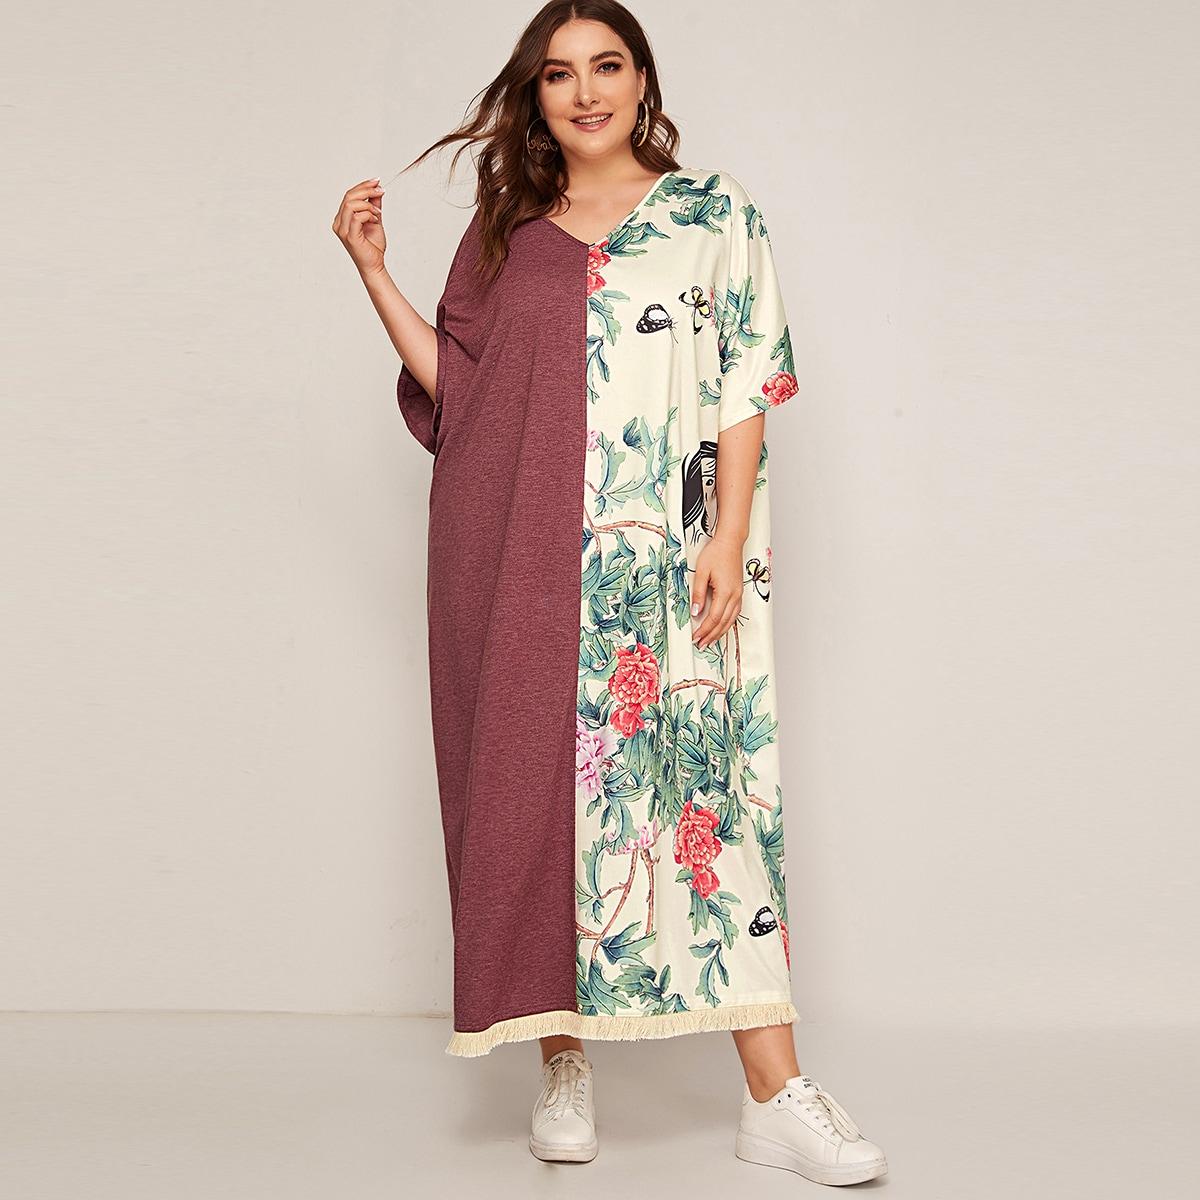 Цветочное контрастное платье размера плюс с v-образным вырезом